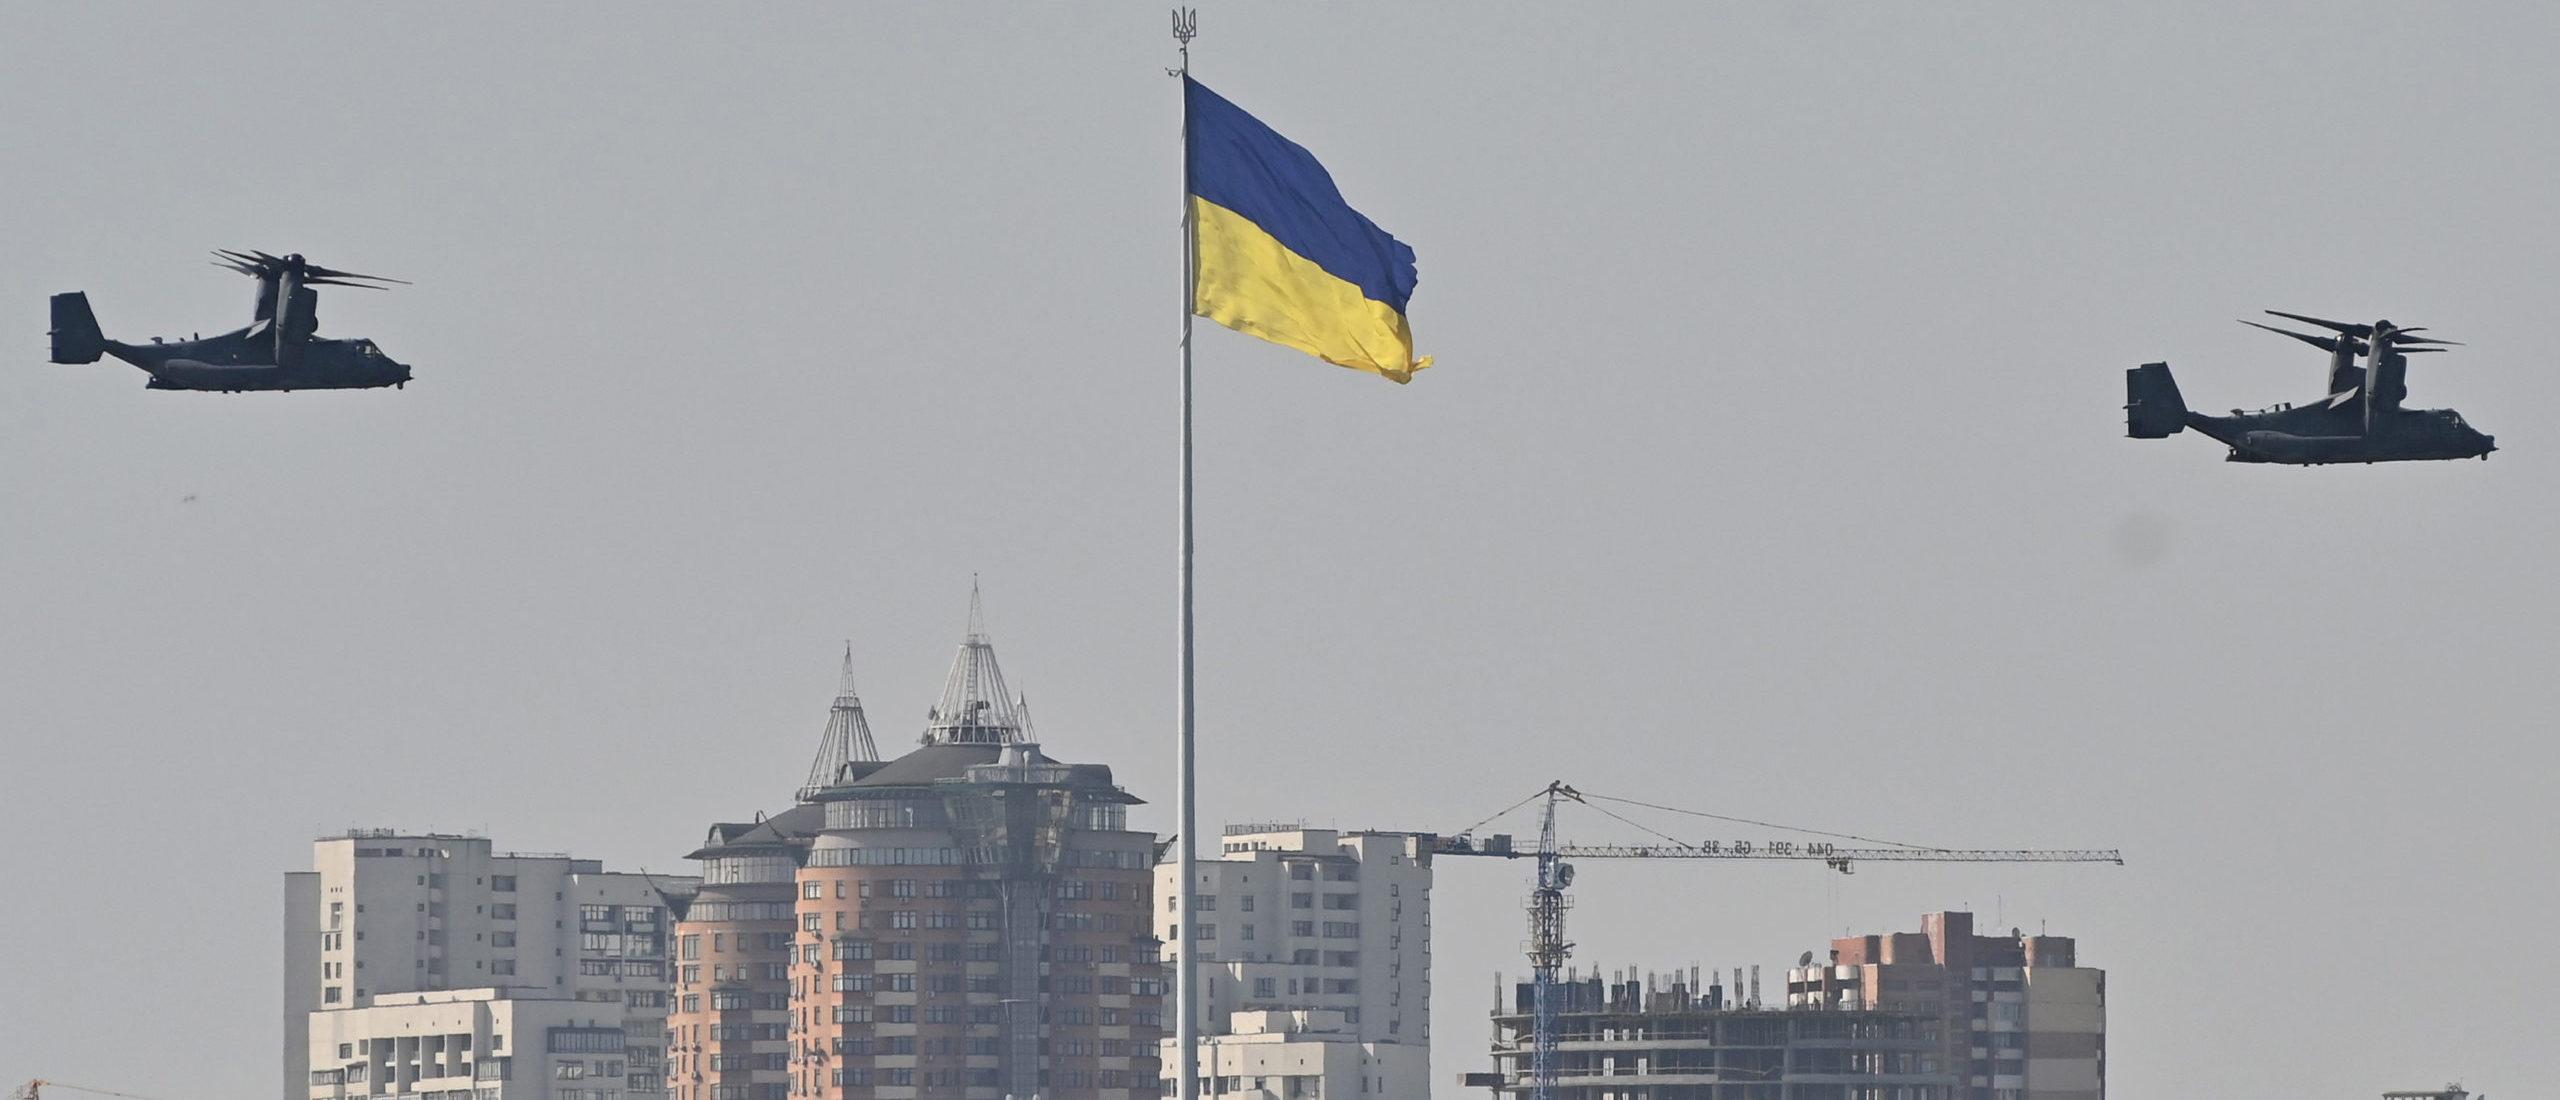 PRONAĐENA PORED PUTA IZVAN GRADA: Ubijena službenica američke ambasade u Kijevu!